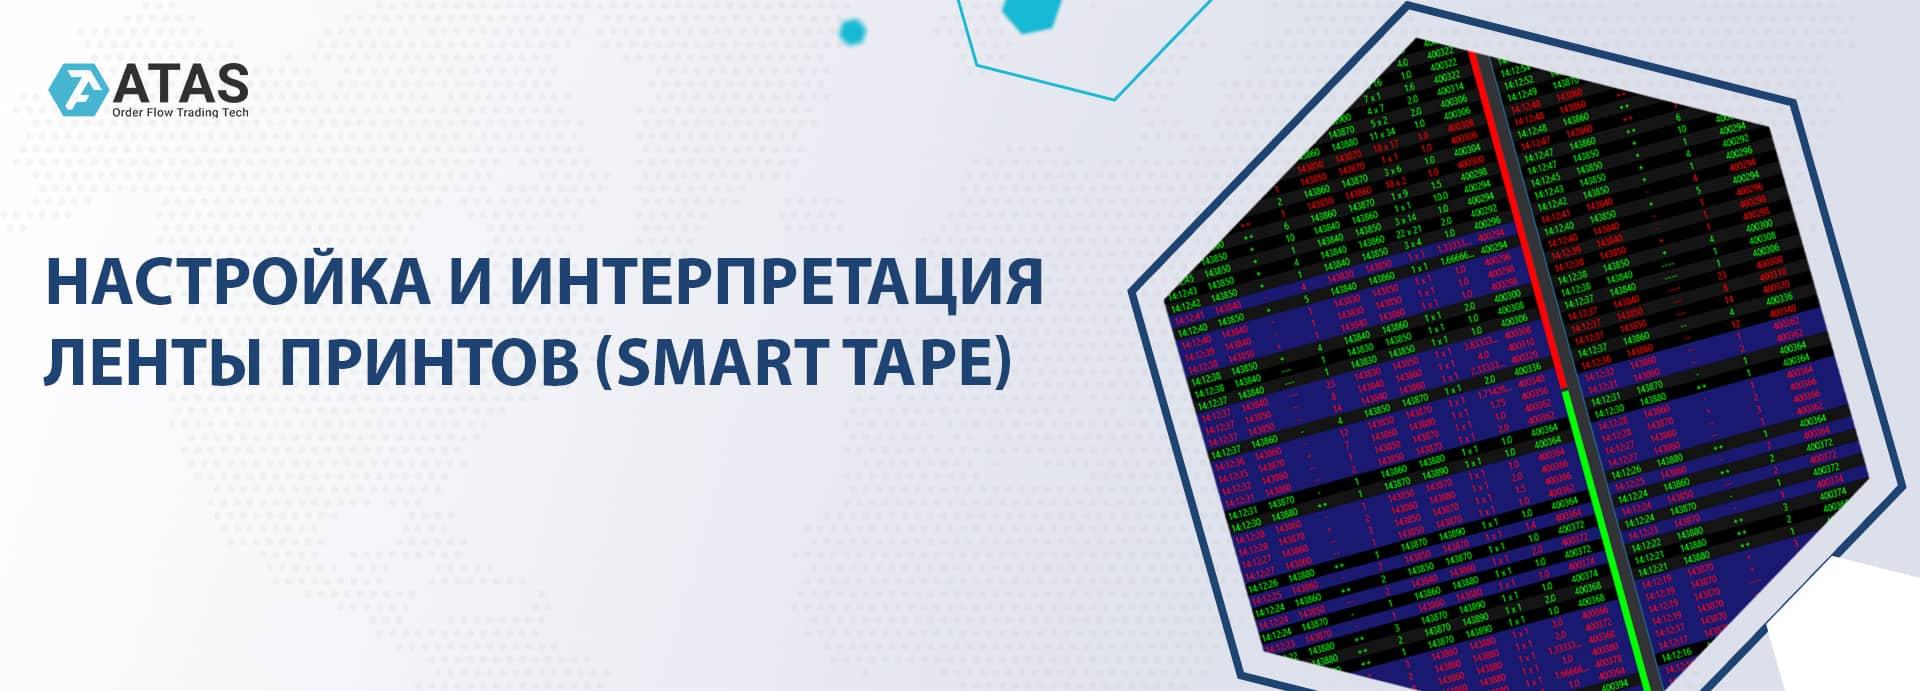 Настройка и интерпретация Ленты принтов (SMART TAPE)